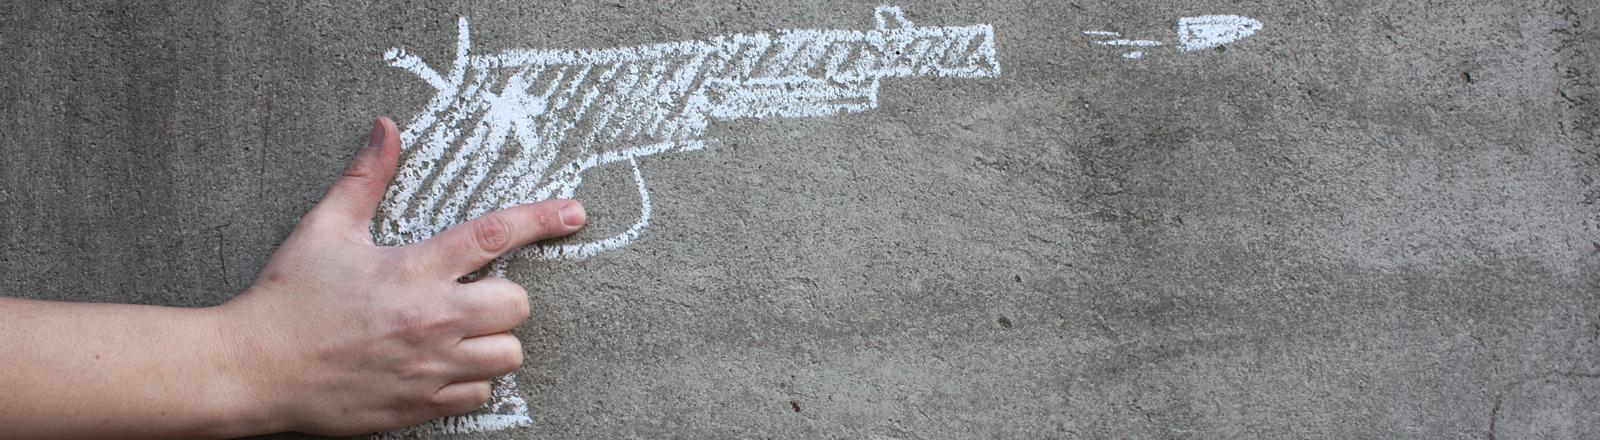 Waffe auf eine Wand gemalt